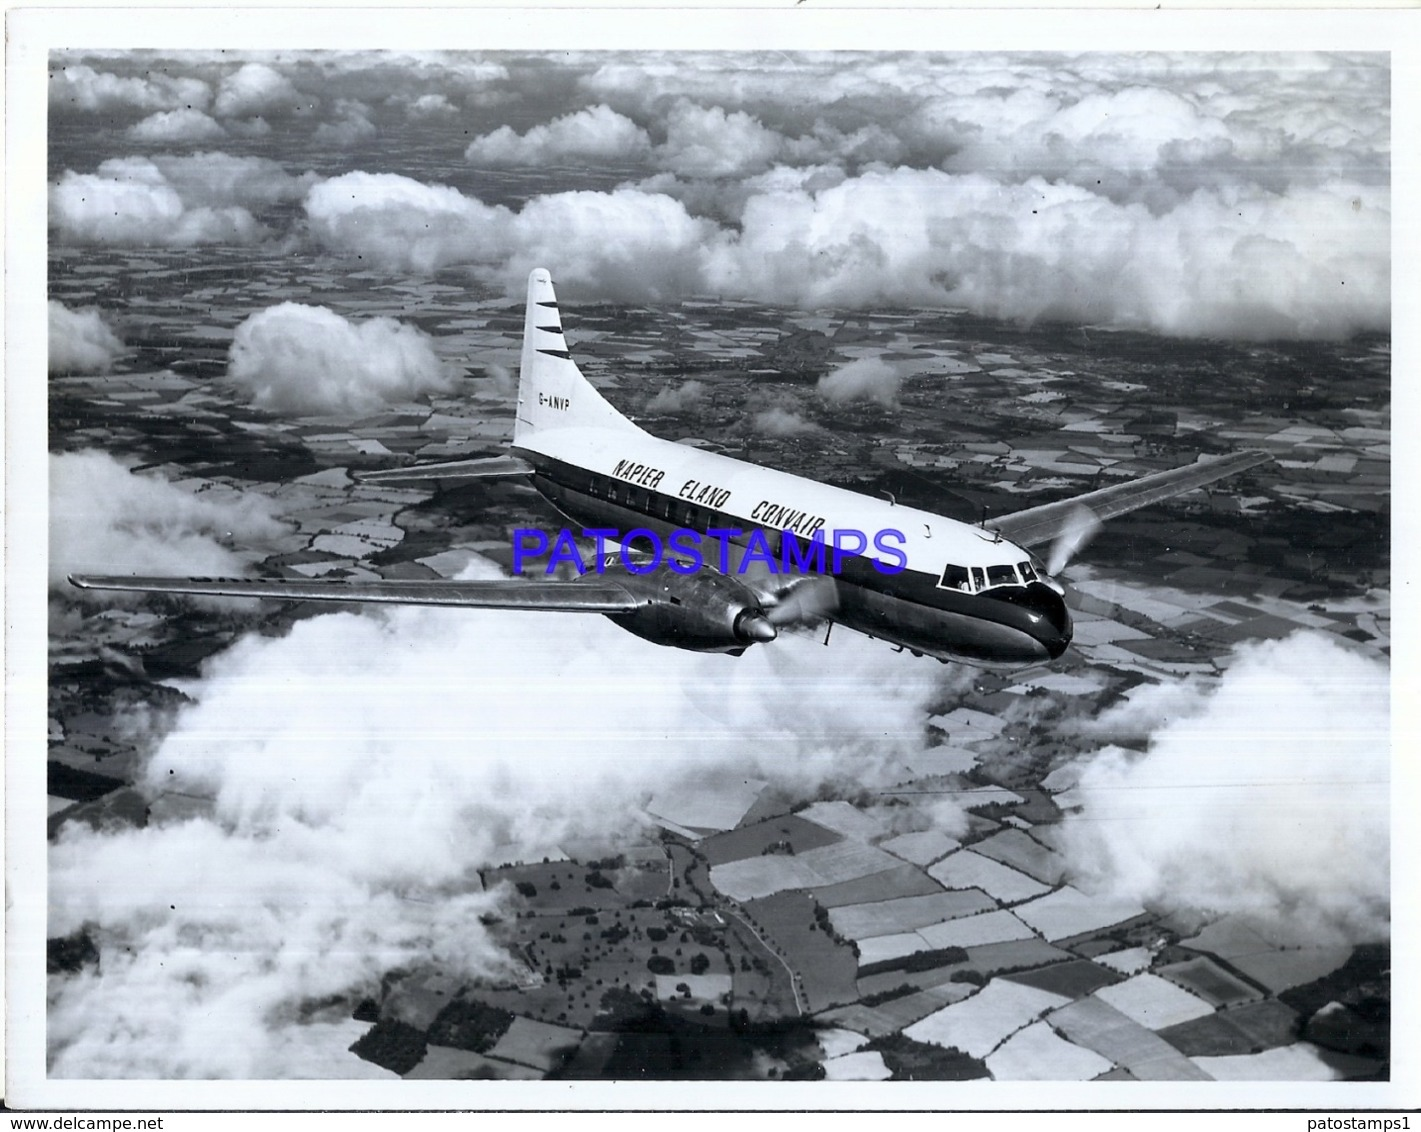 120008 AVIATION AVIACION NAPIER ELANO CONVAIR 21.5 X 16.5 CM PHOTO NO POSTAL POSTCARD - Aviation